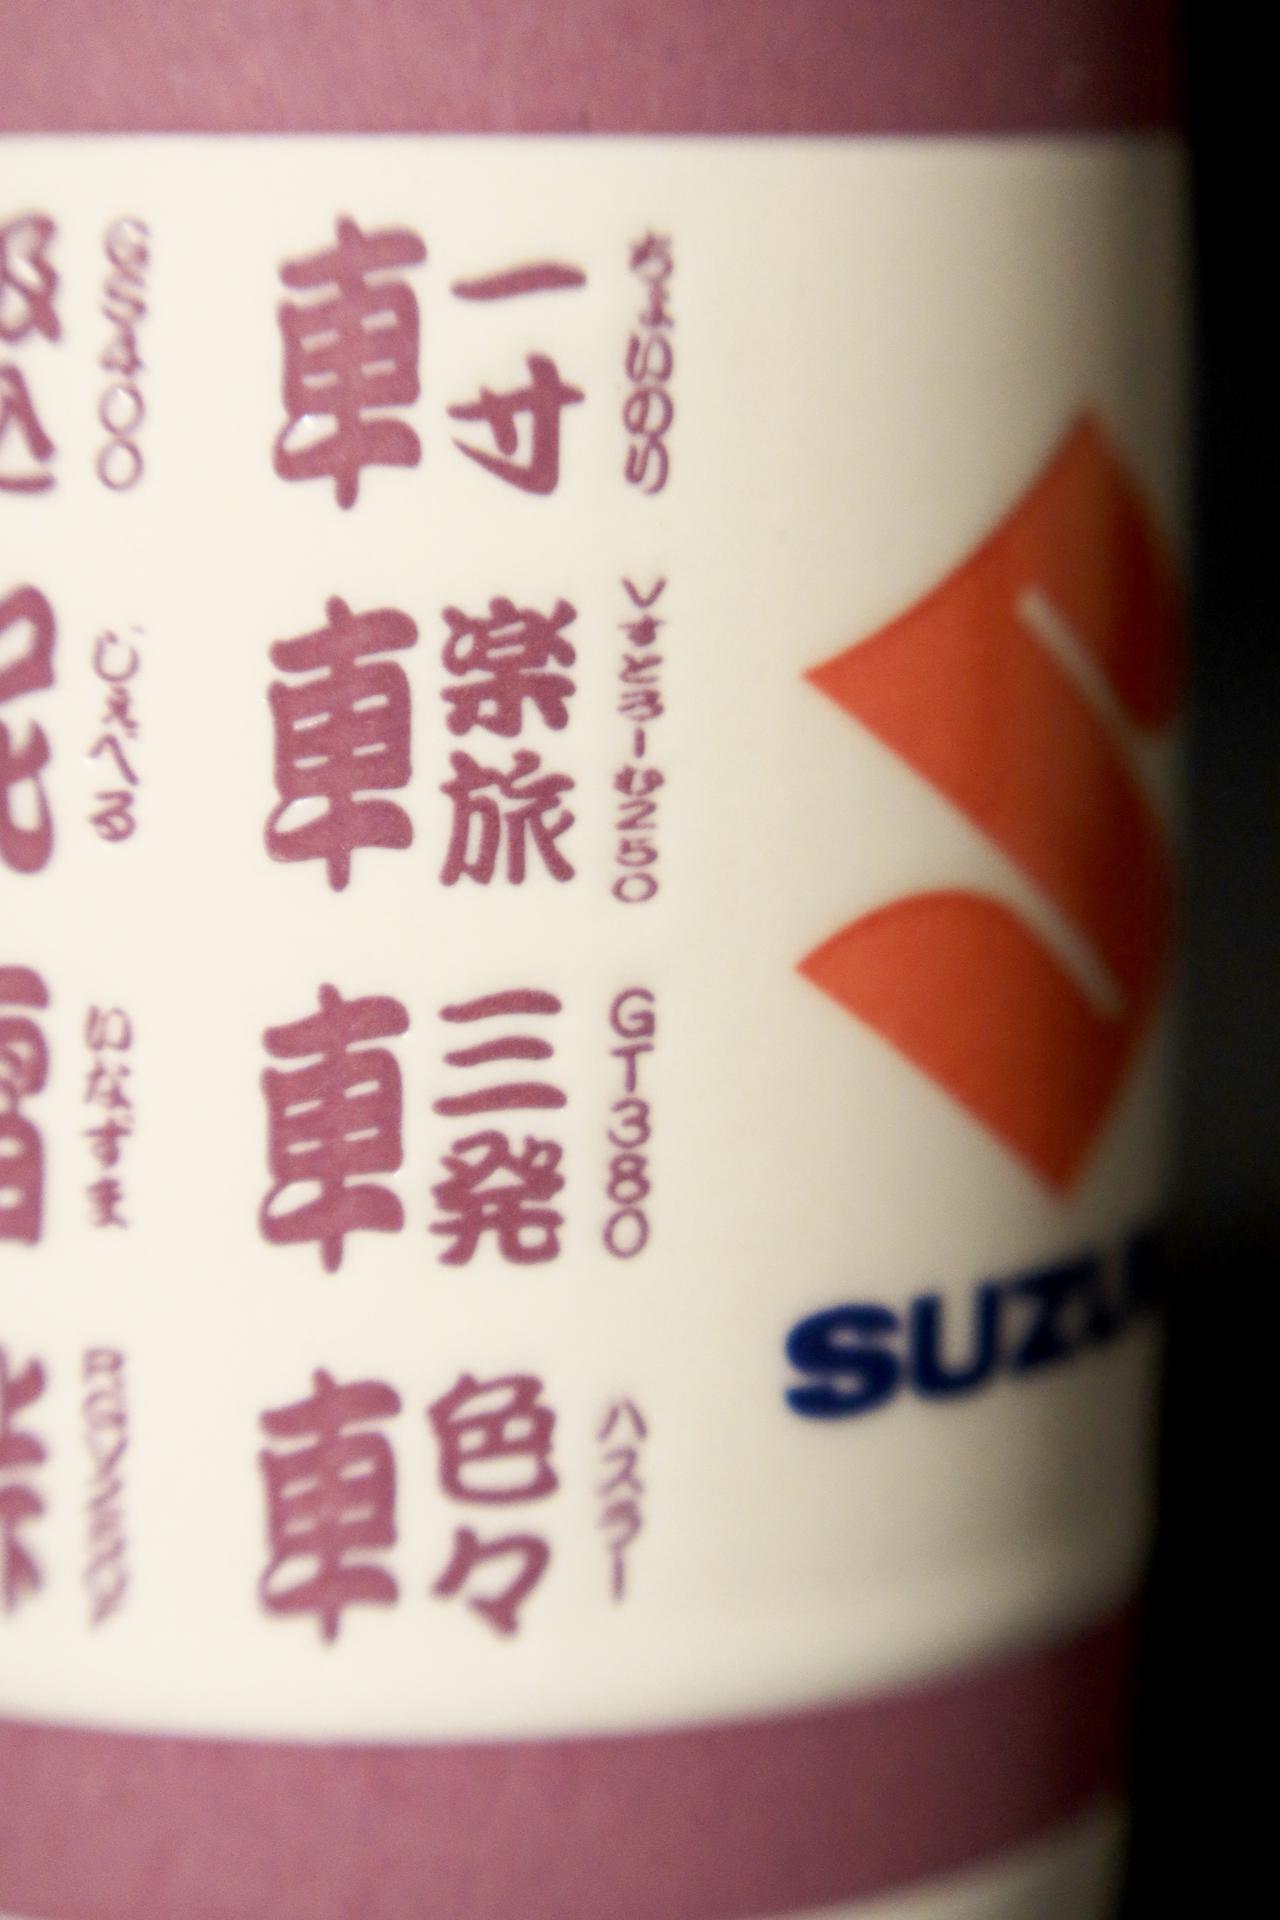 画像19: スズキ「湯呑」の2020年モデルはハイグリップ化に成功!? 創作漢字クイズもあるよ!【スズキ アルティメットクイズ③/難易度☆☆】